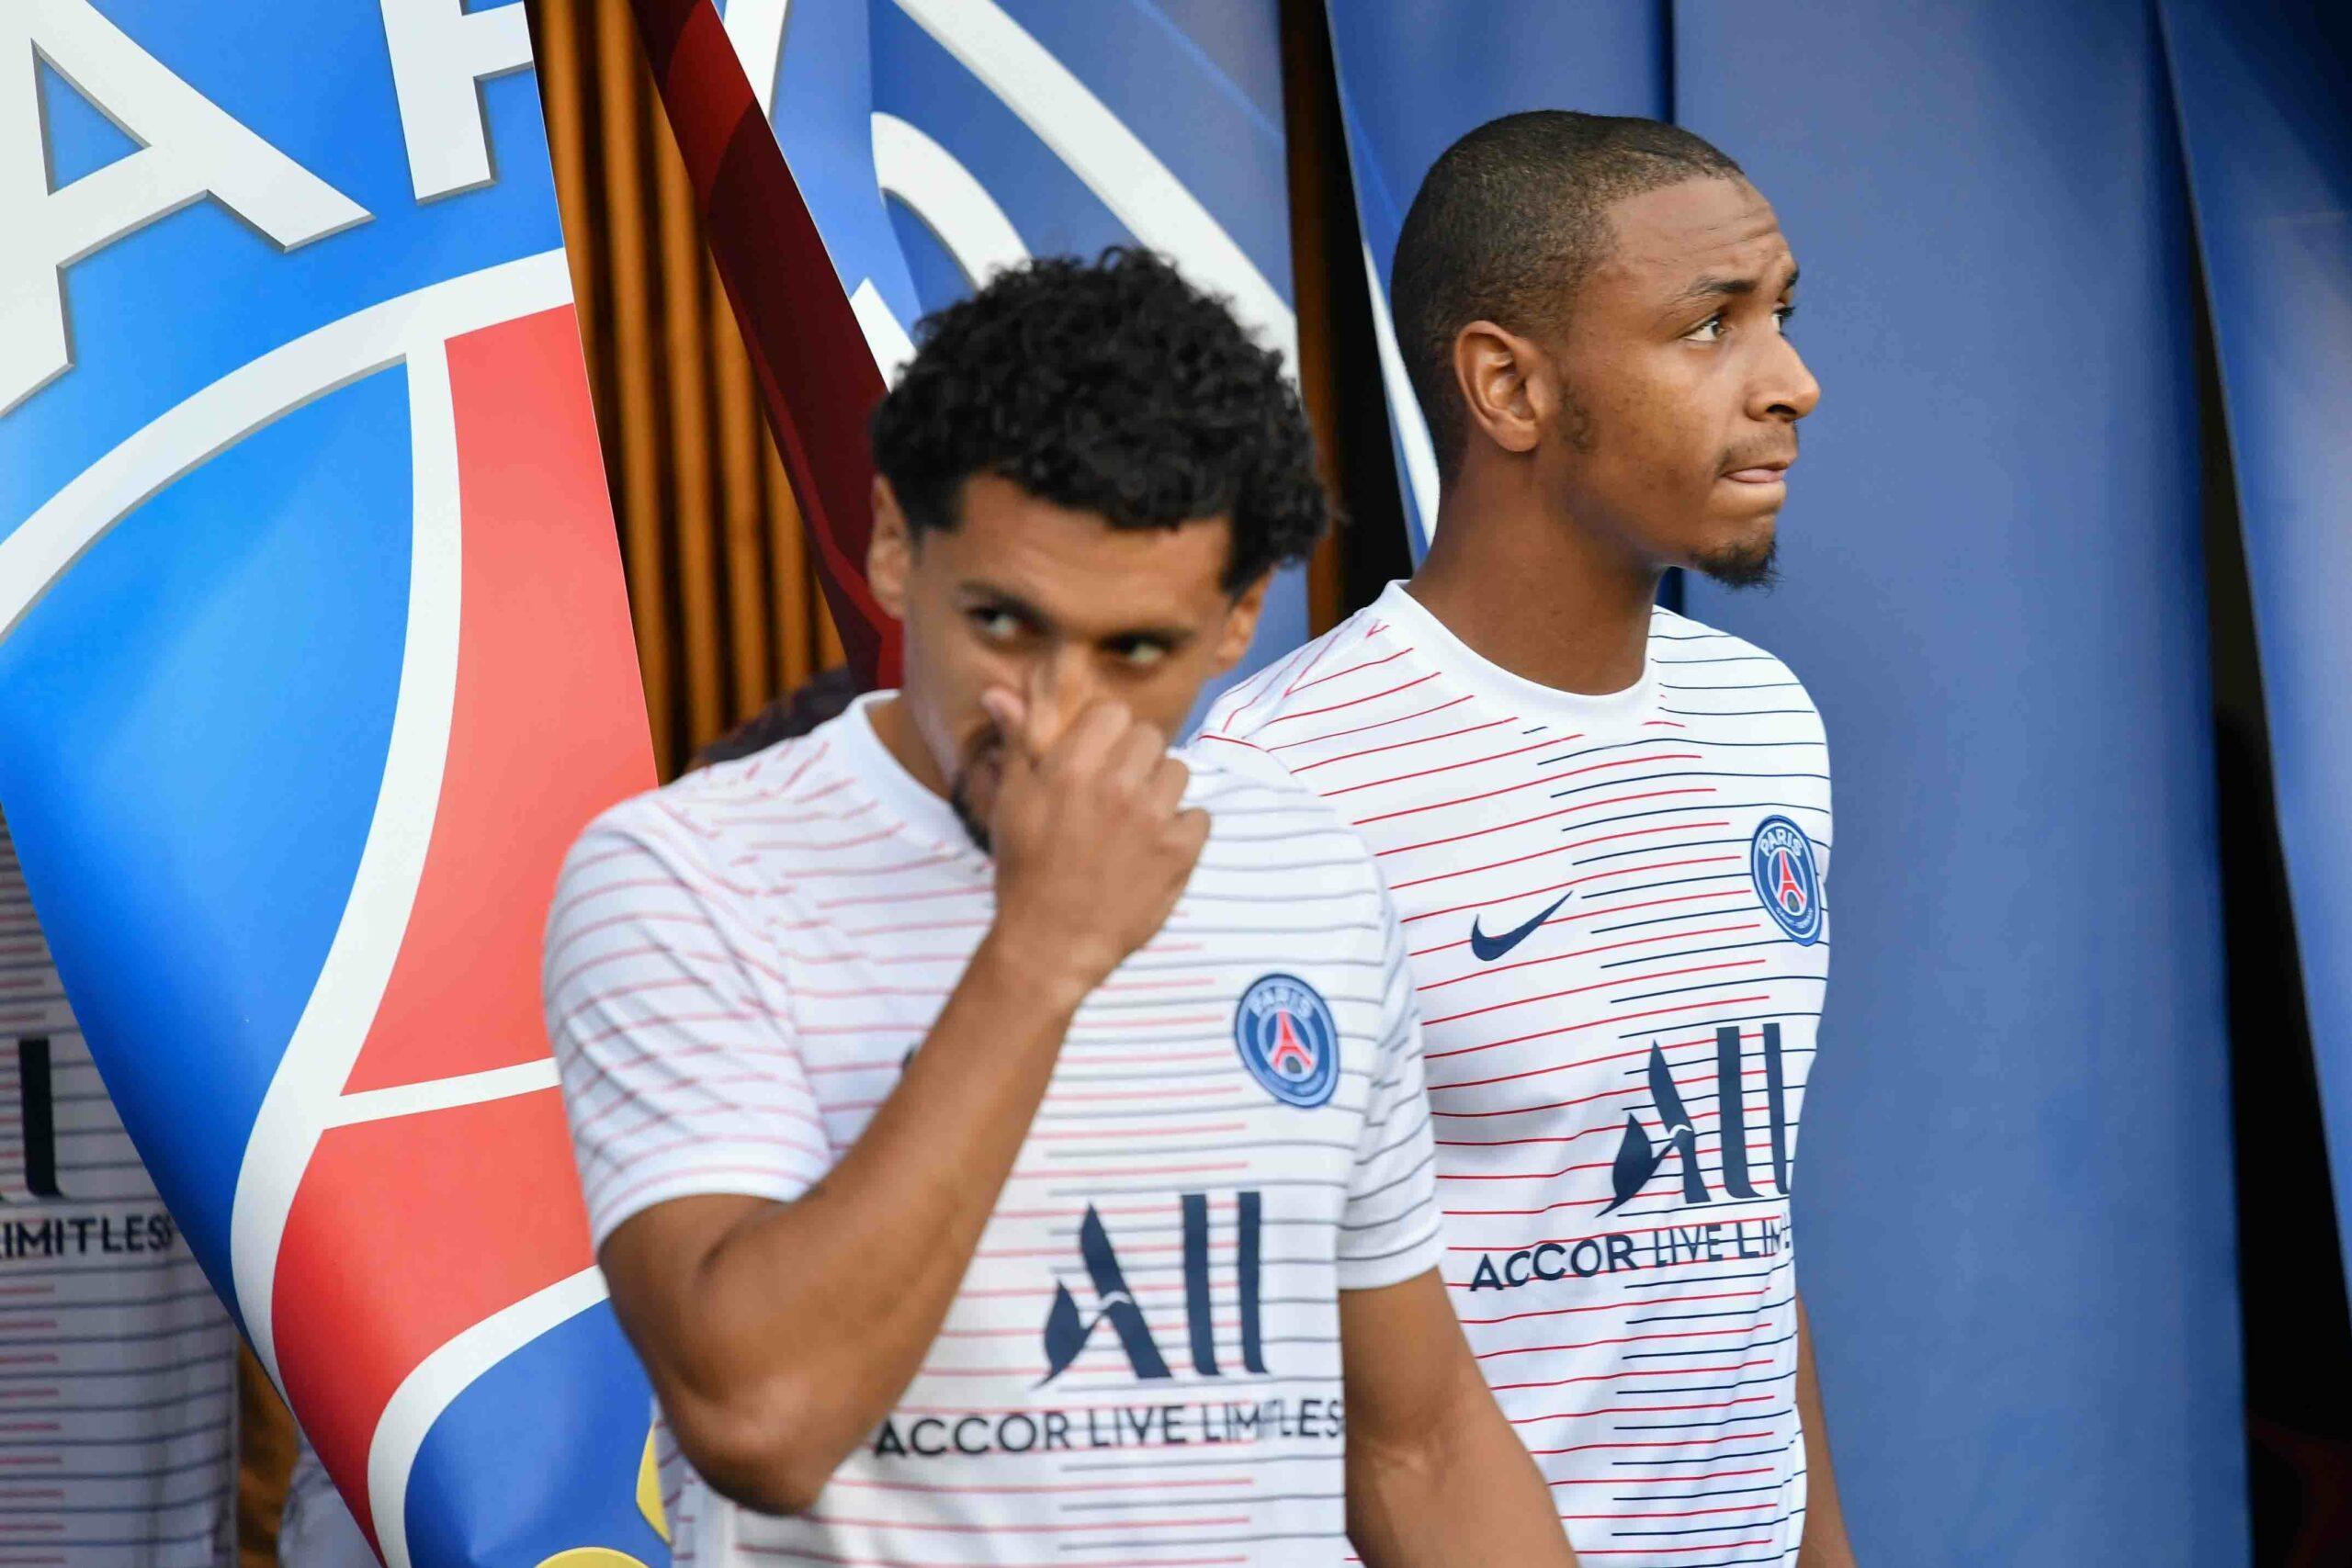 Bericht: Marquinhos und Diallo drohen für das CL-Rückspiel gegen die Bayern  auszufallen - Aktuelle FC Bayern News, Transfergerüchte,  Hintergrundberichte uvm.